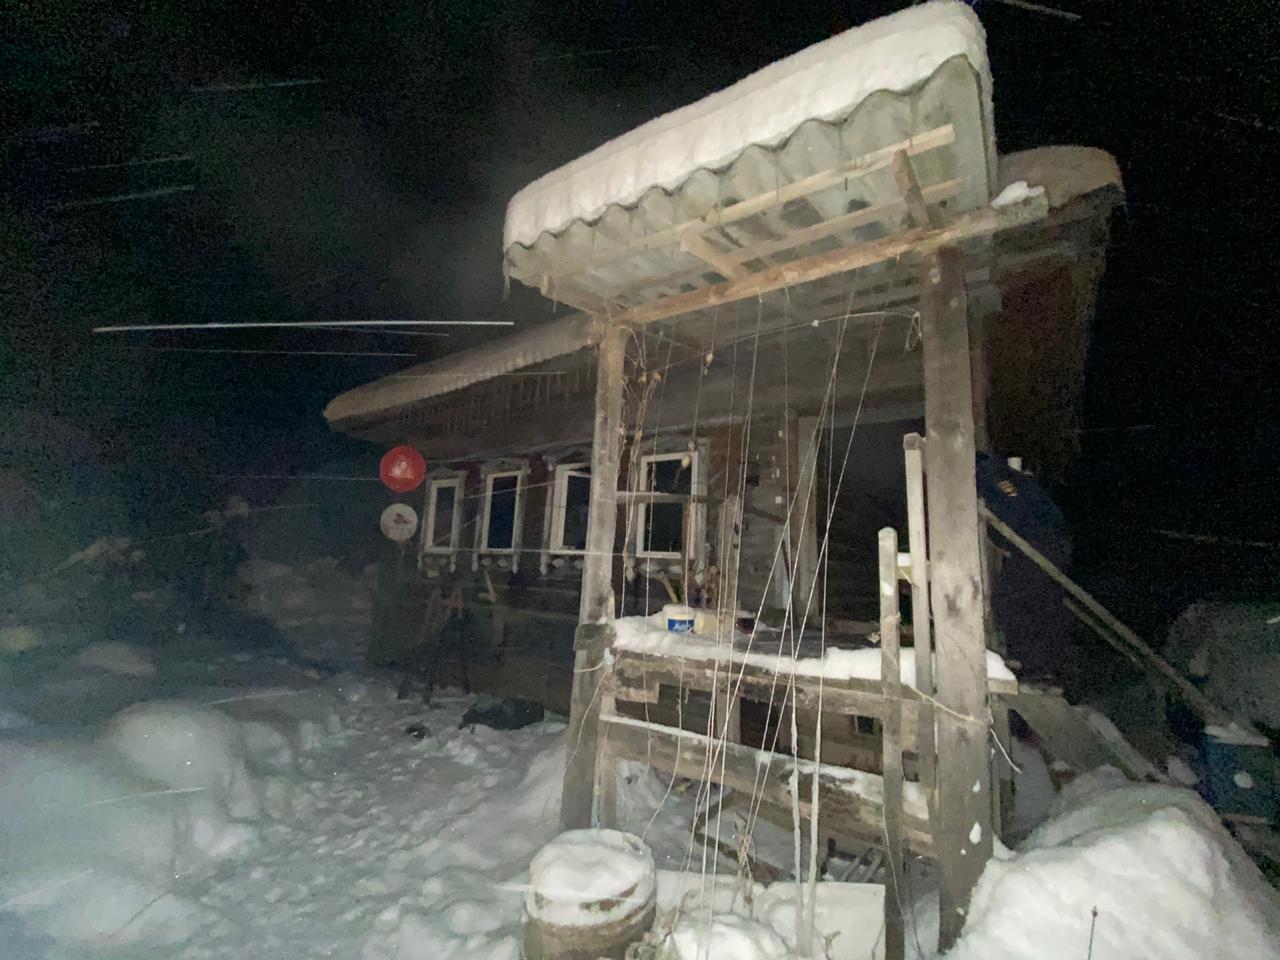 Пожилой мужчина погиб при пожаре в жилом доме в Тверской области - новости Афанасий